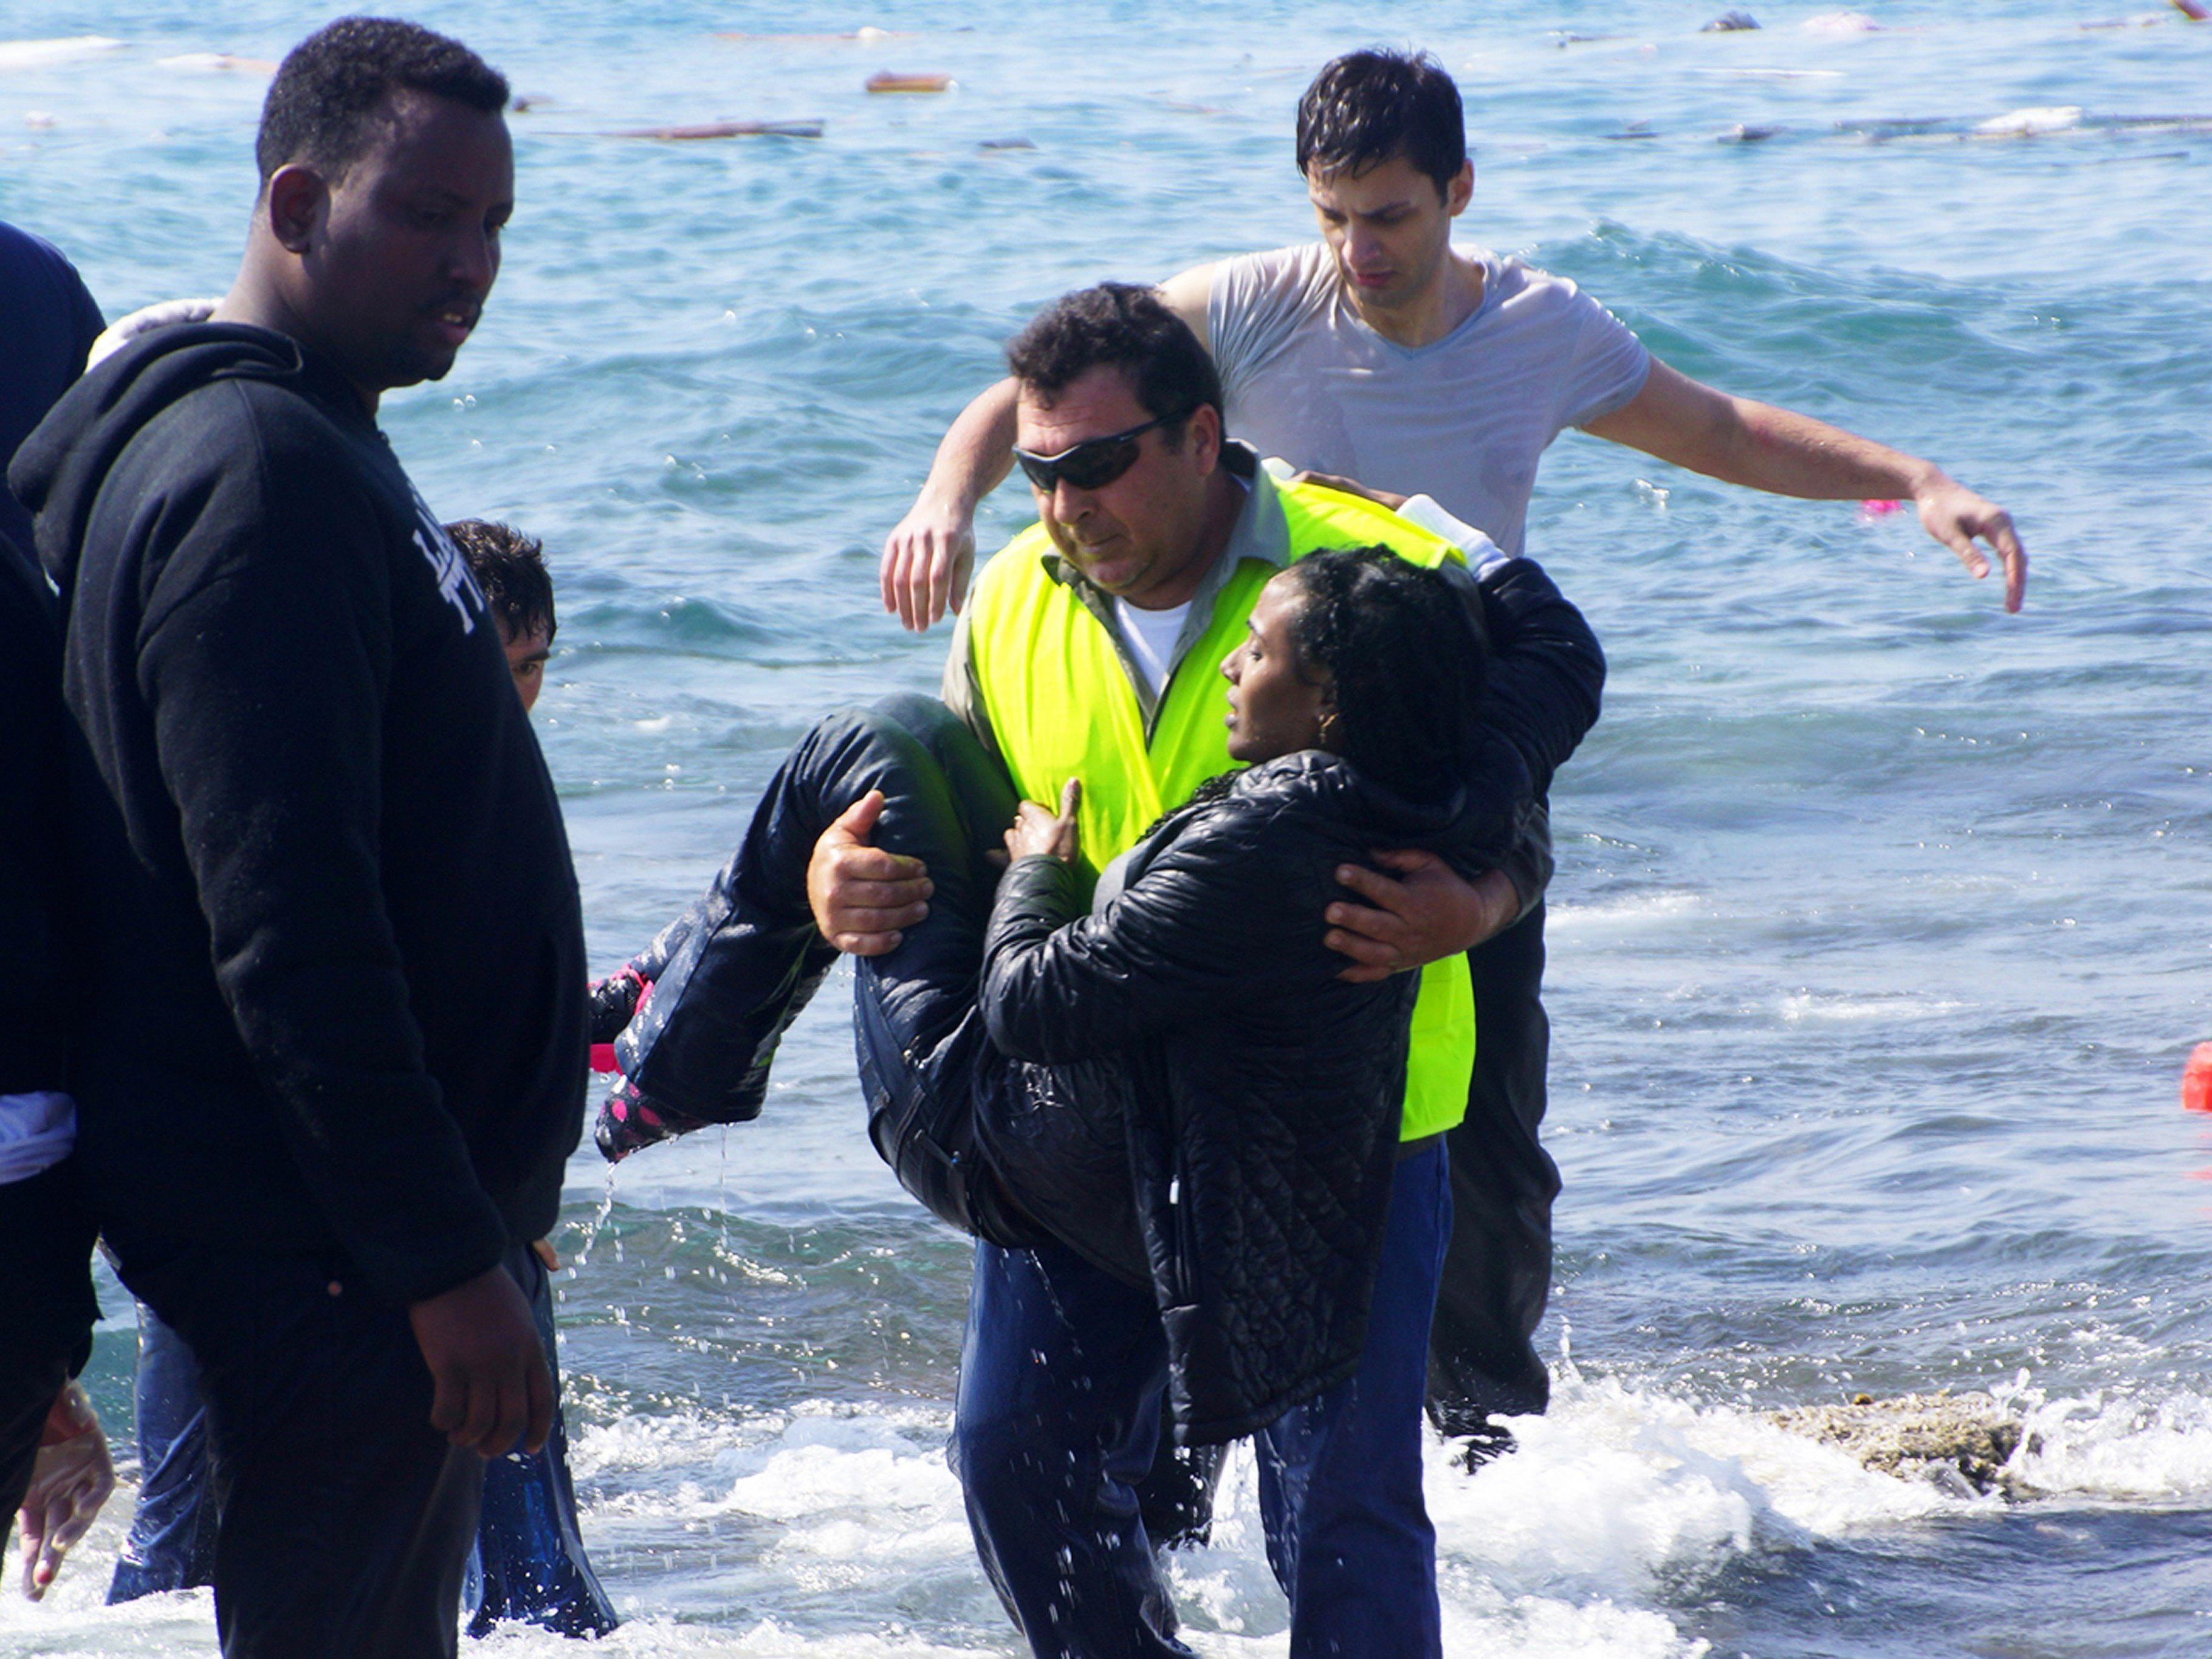 Ein Helfer rettet eine Frau aus den Fluten. Drei Schiffe mit Flüchtlingen sollen allein am Montag in Seenot geraten sein.